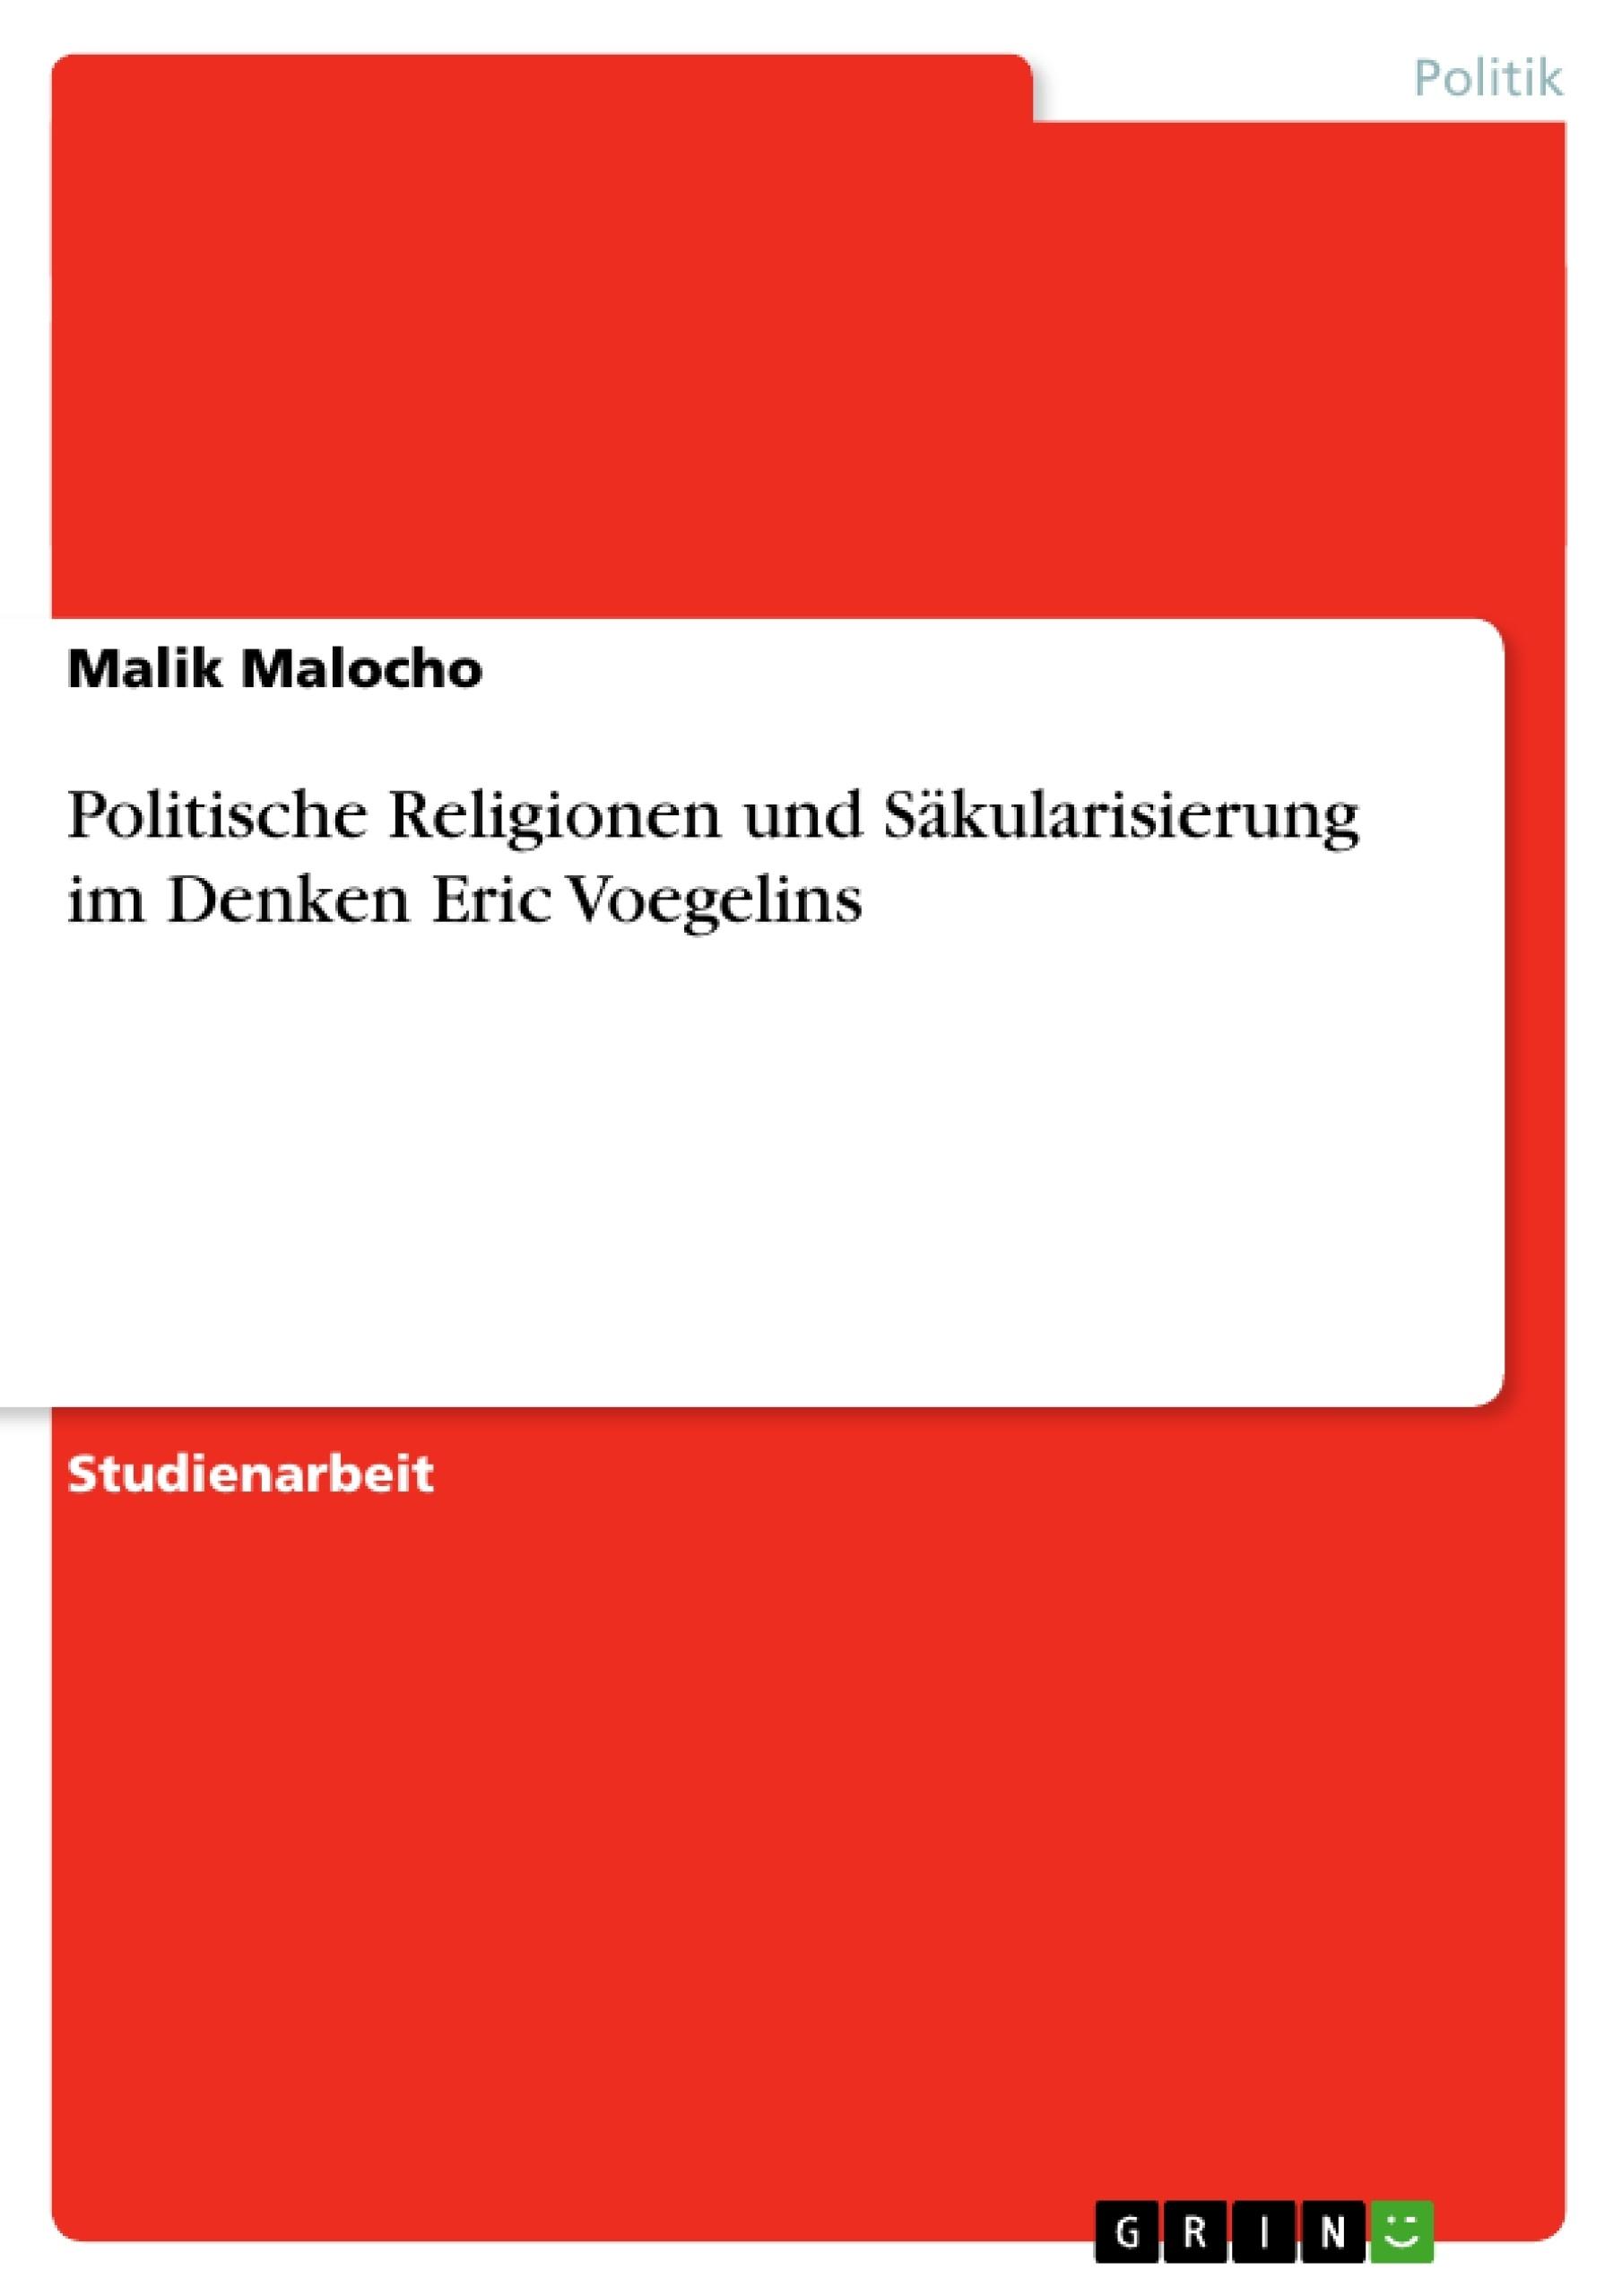 Titel: Politische Religionen und Säkularisierung im Denken Eric Voegelins